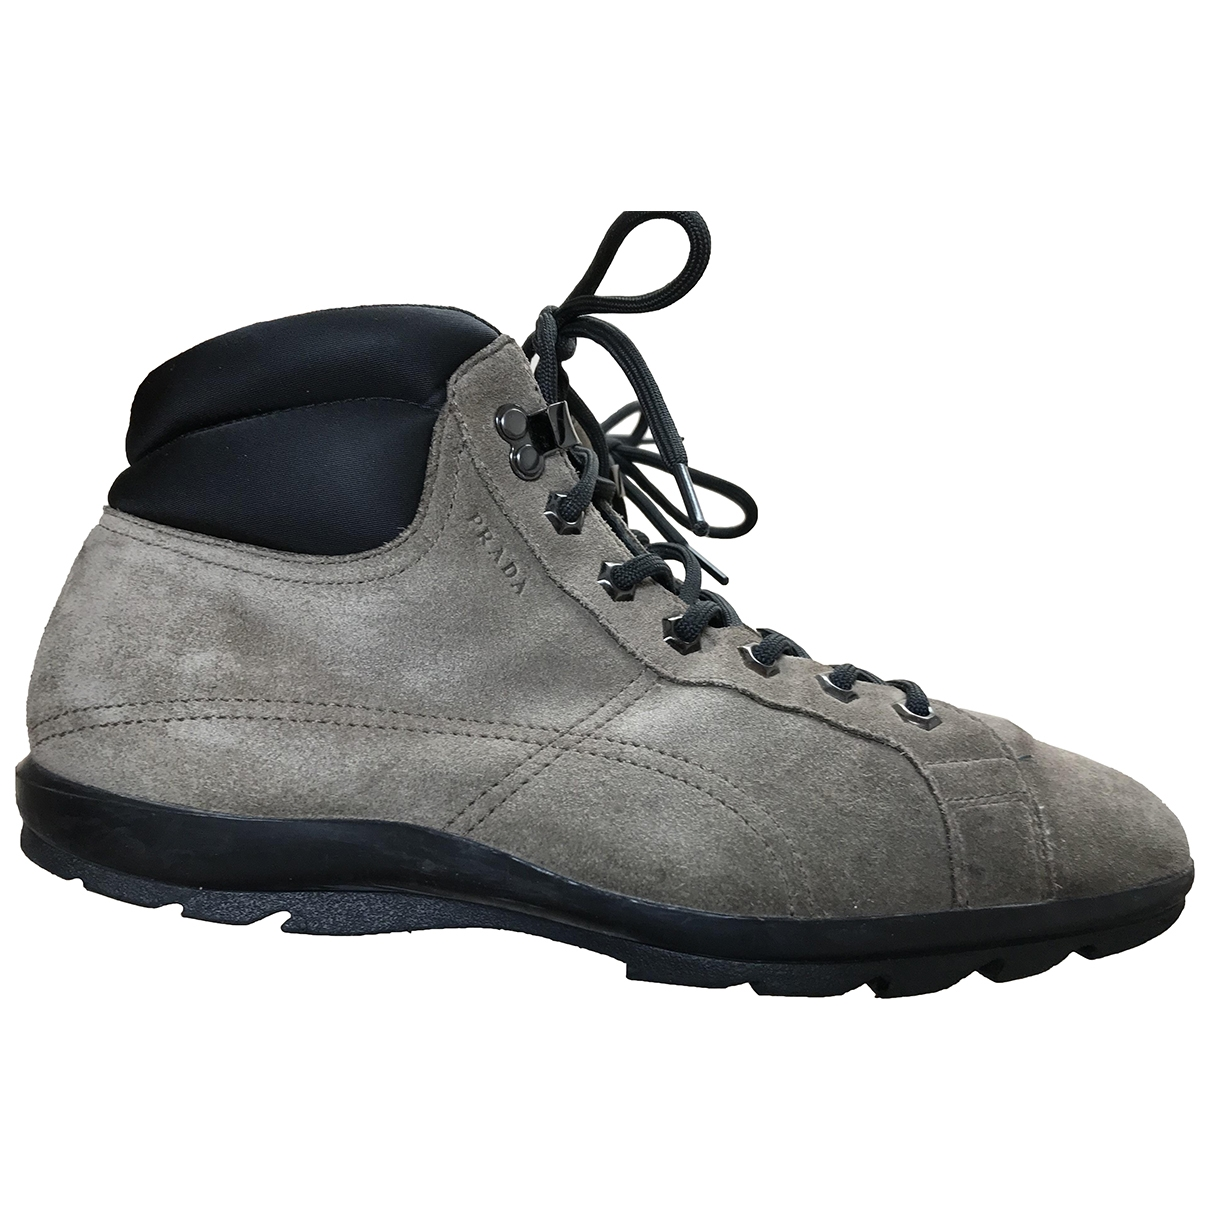 Prada \N Sneakers in  Grau Veloursleder